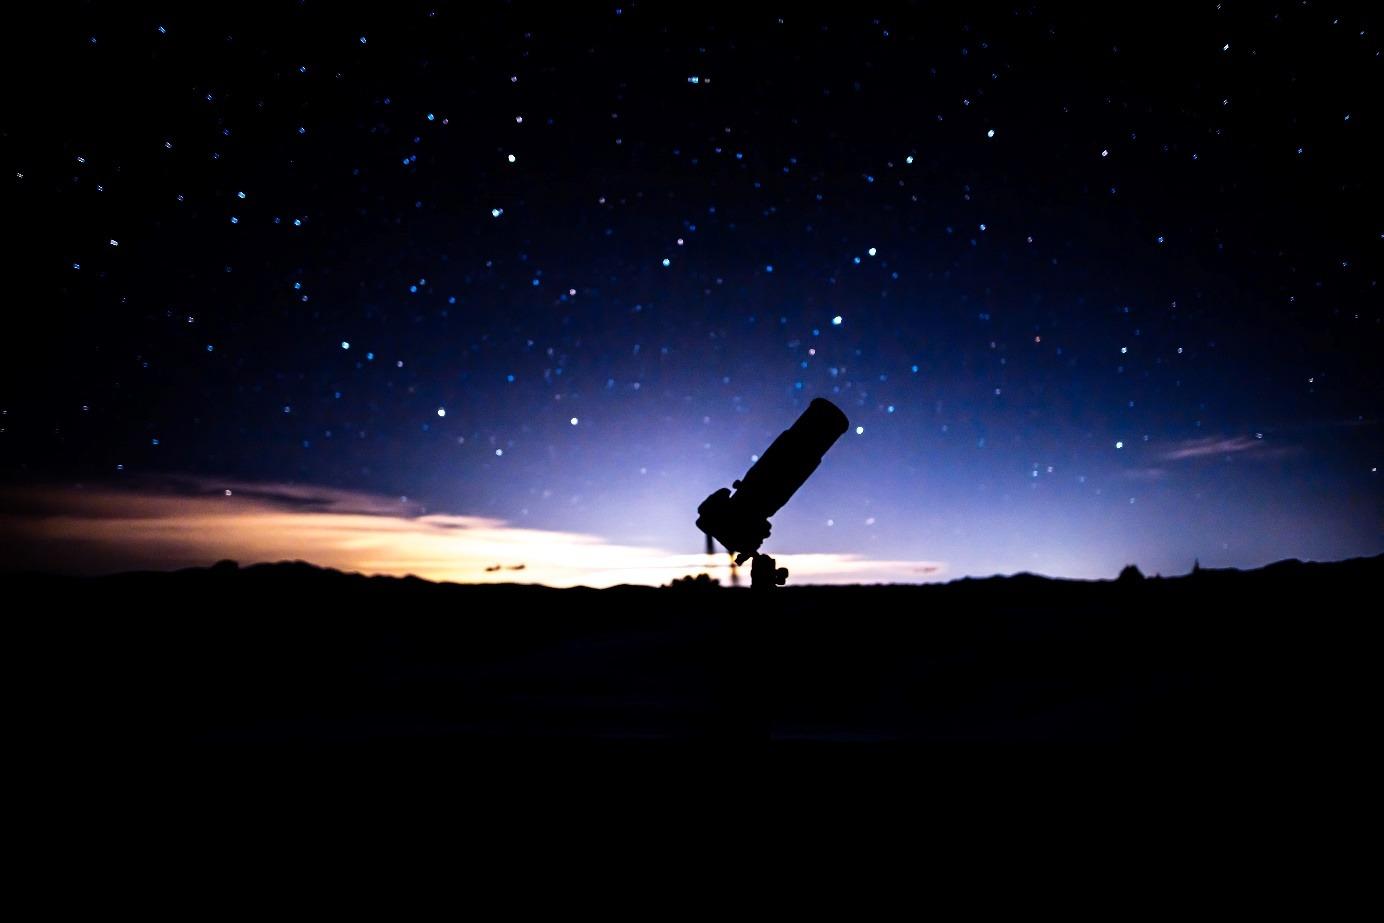 télescope dans la nuit